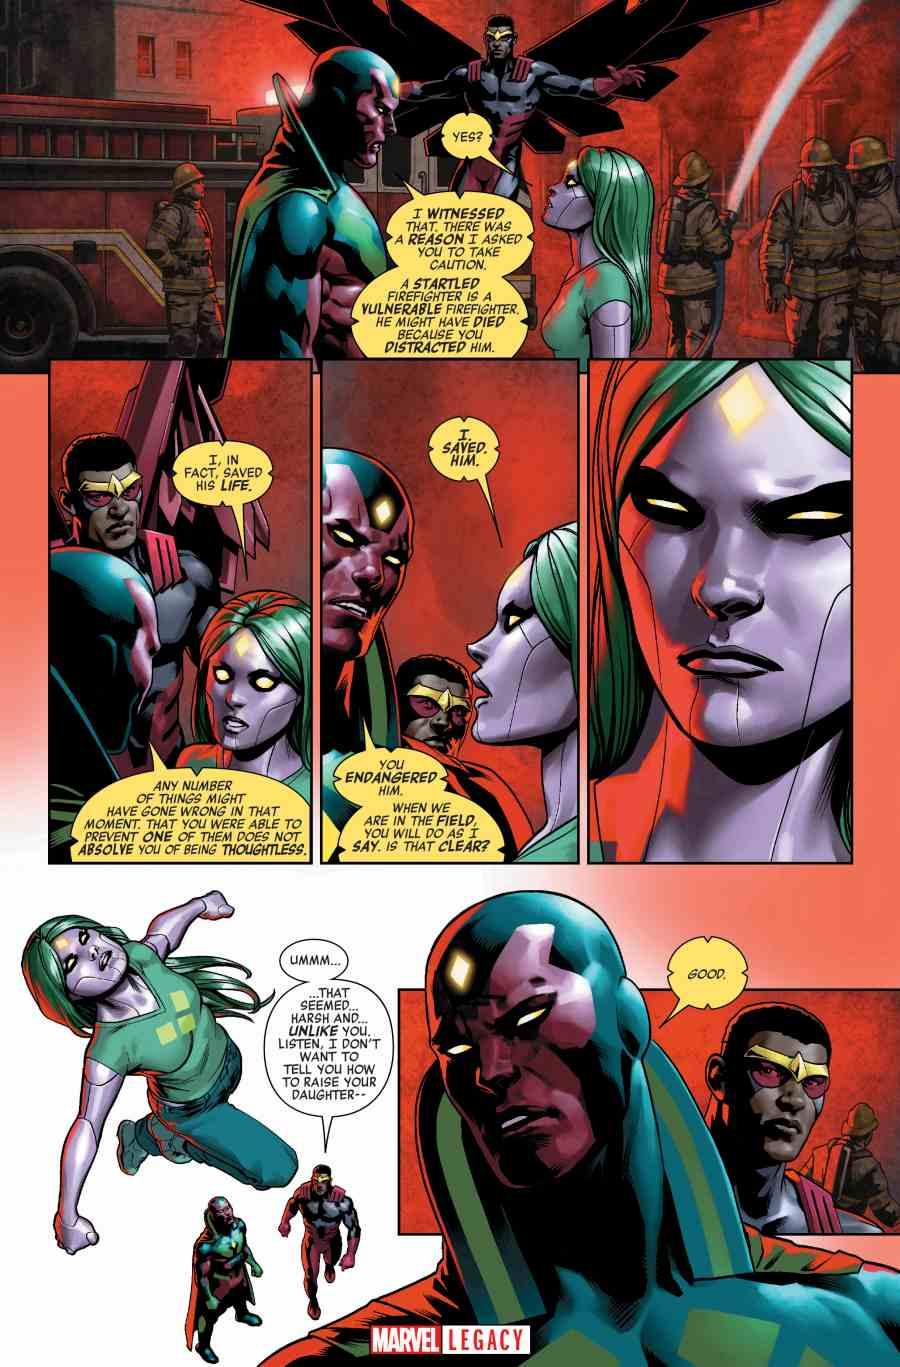 marvel-legacy-avengers-003-1019551